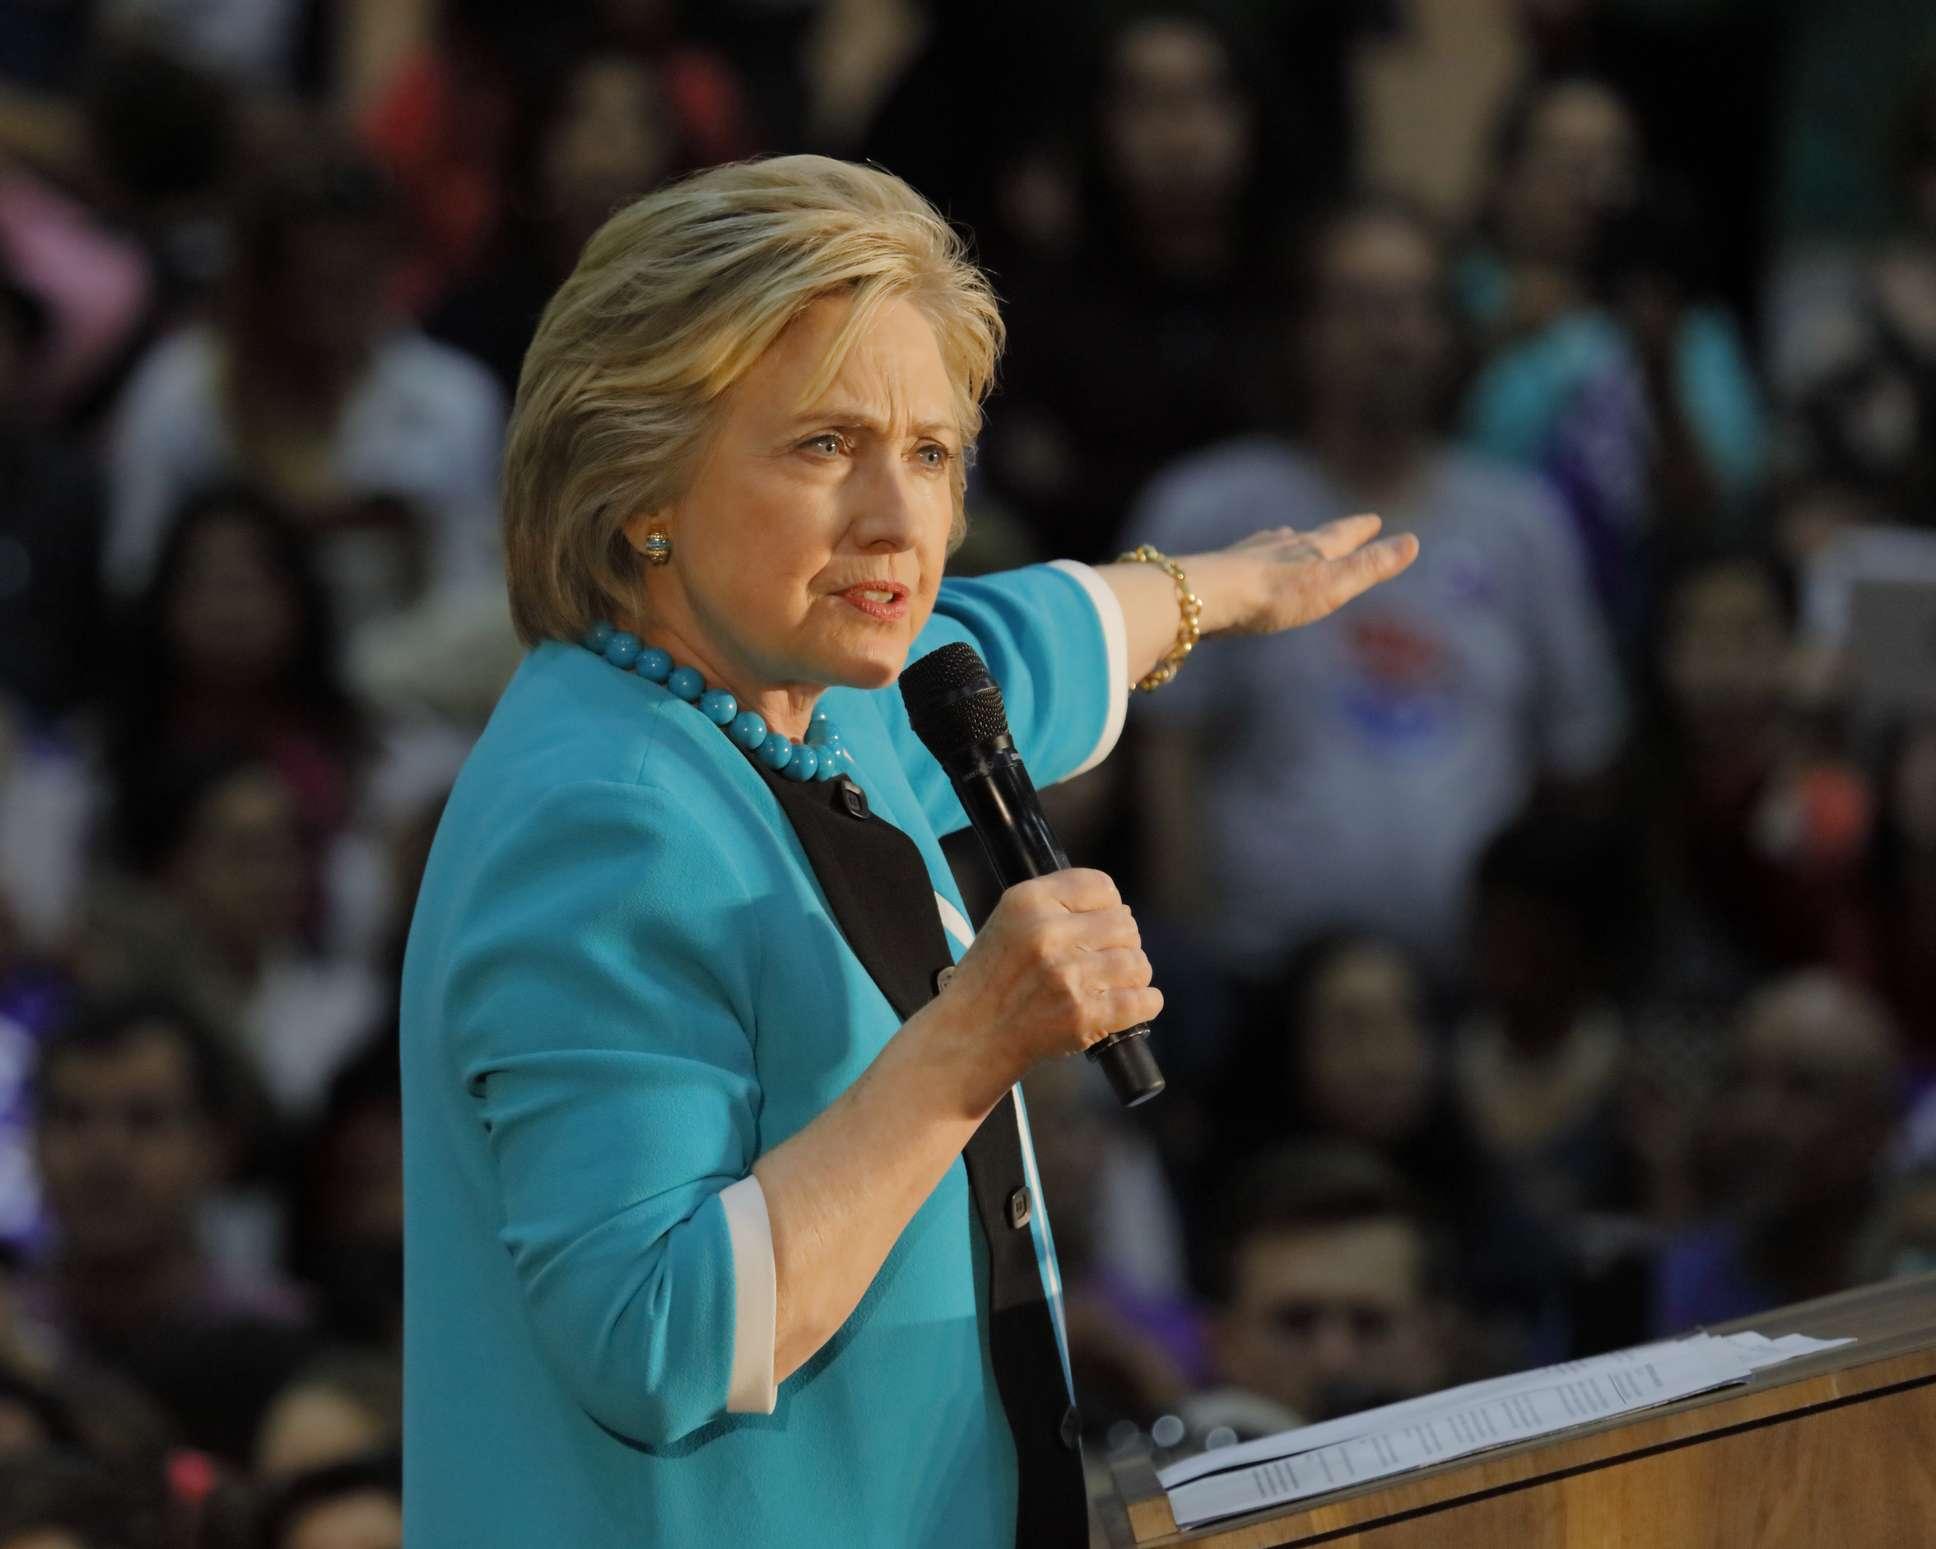 Hillary skates again